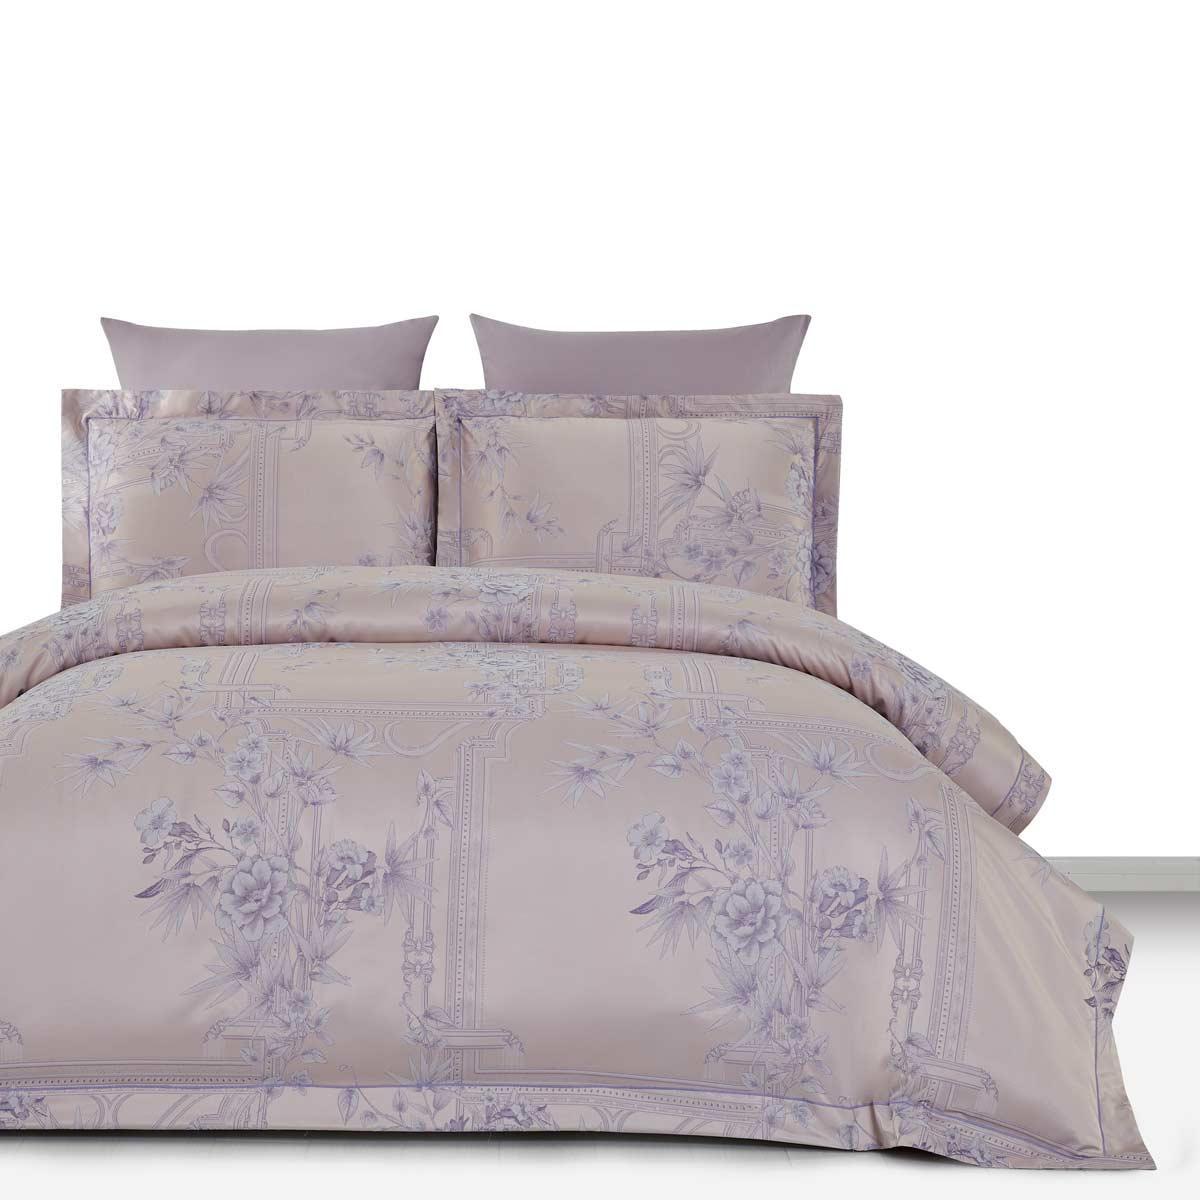 Комплект постельного белья 200х220 см бамбук жаккард Kalina Leah Arya AR-TR1005742